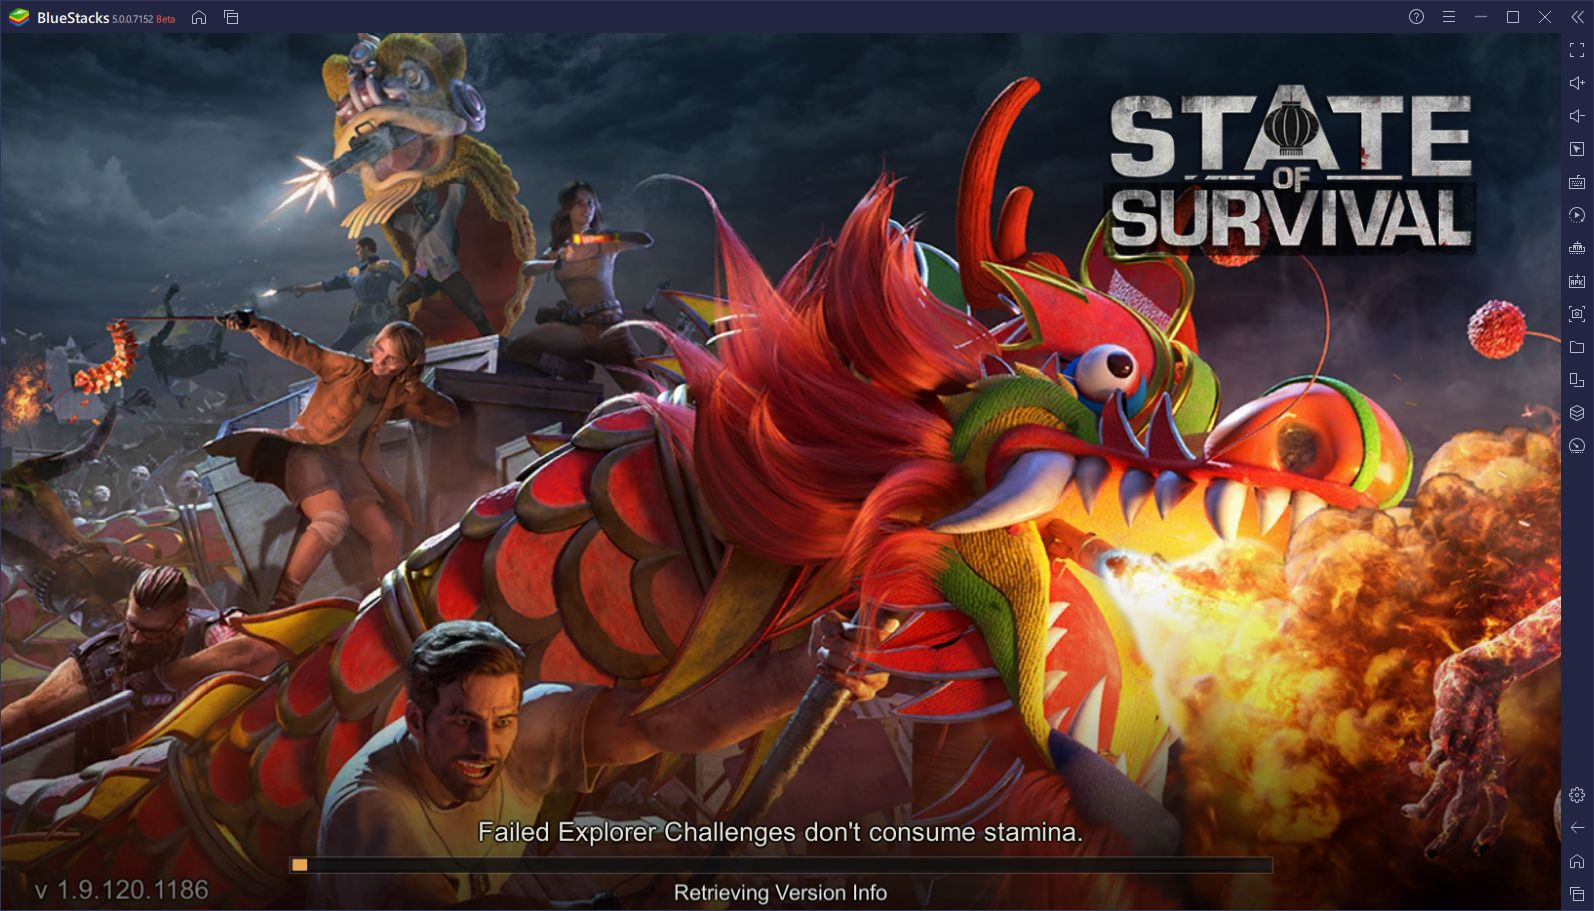 أفضل ألعاب إستراتيجية Android للعبها على BlueStacks 5